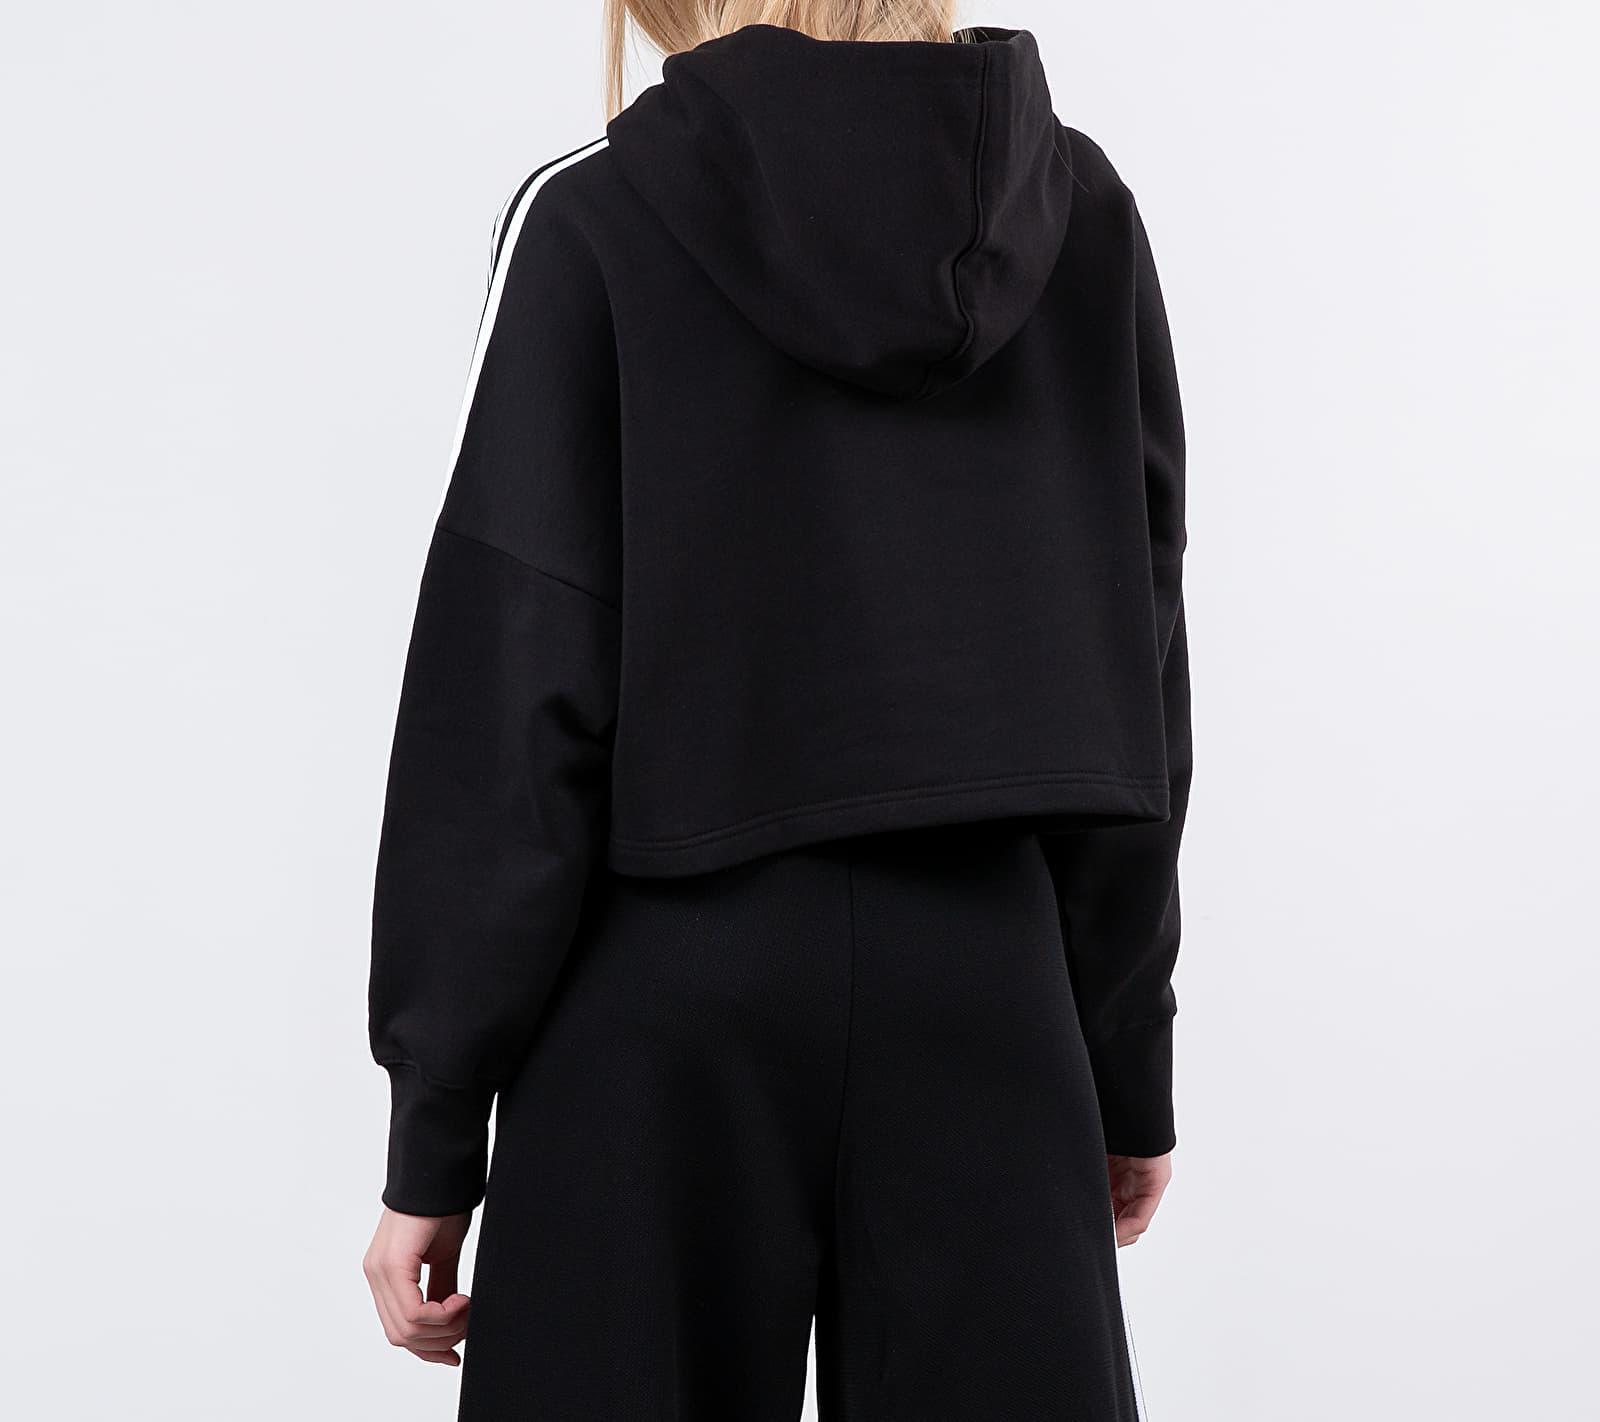 Adidas Cropped Hoodie Black en Coton adidas Originals